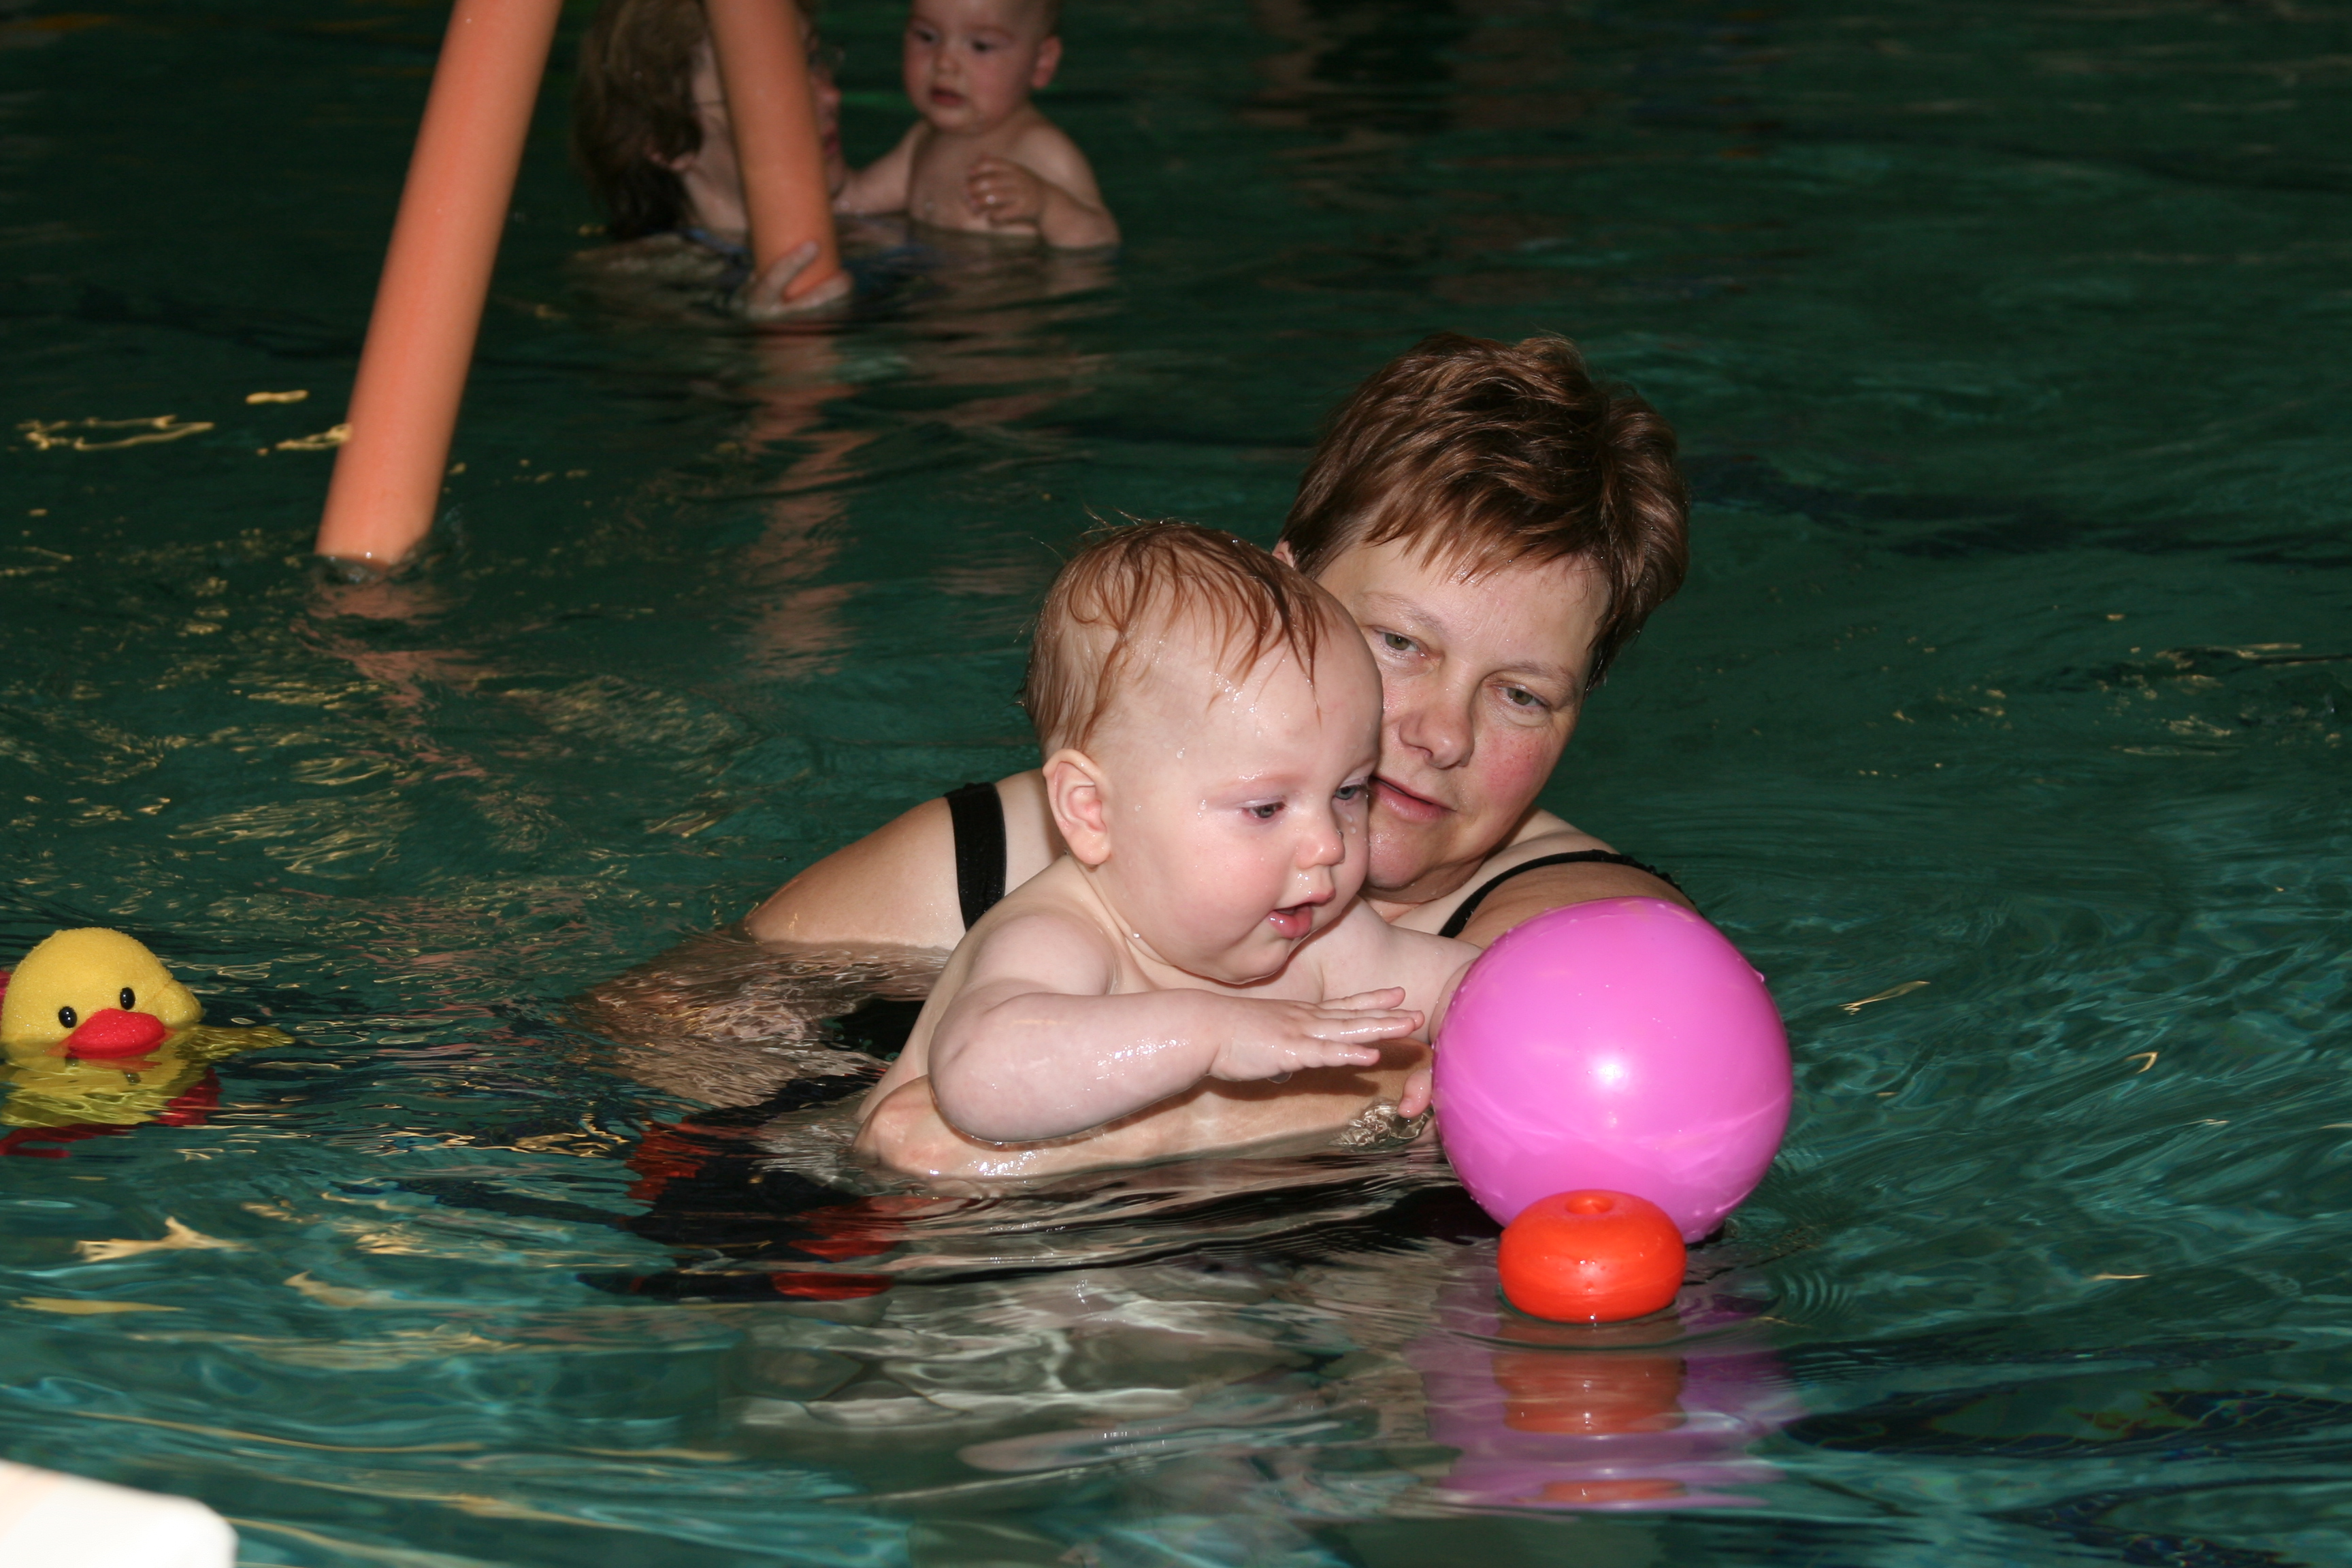 Kind watergewenning met bal in het water